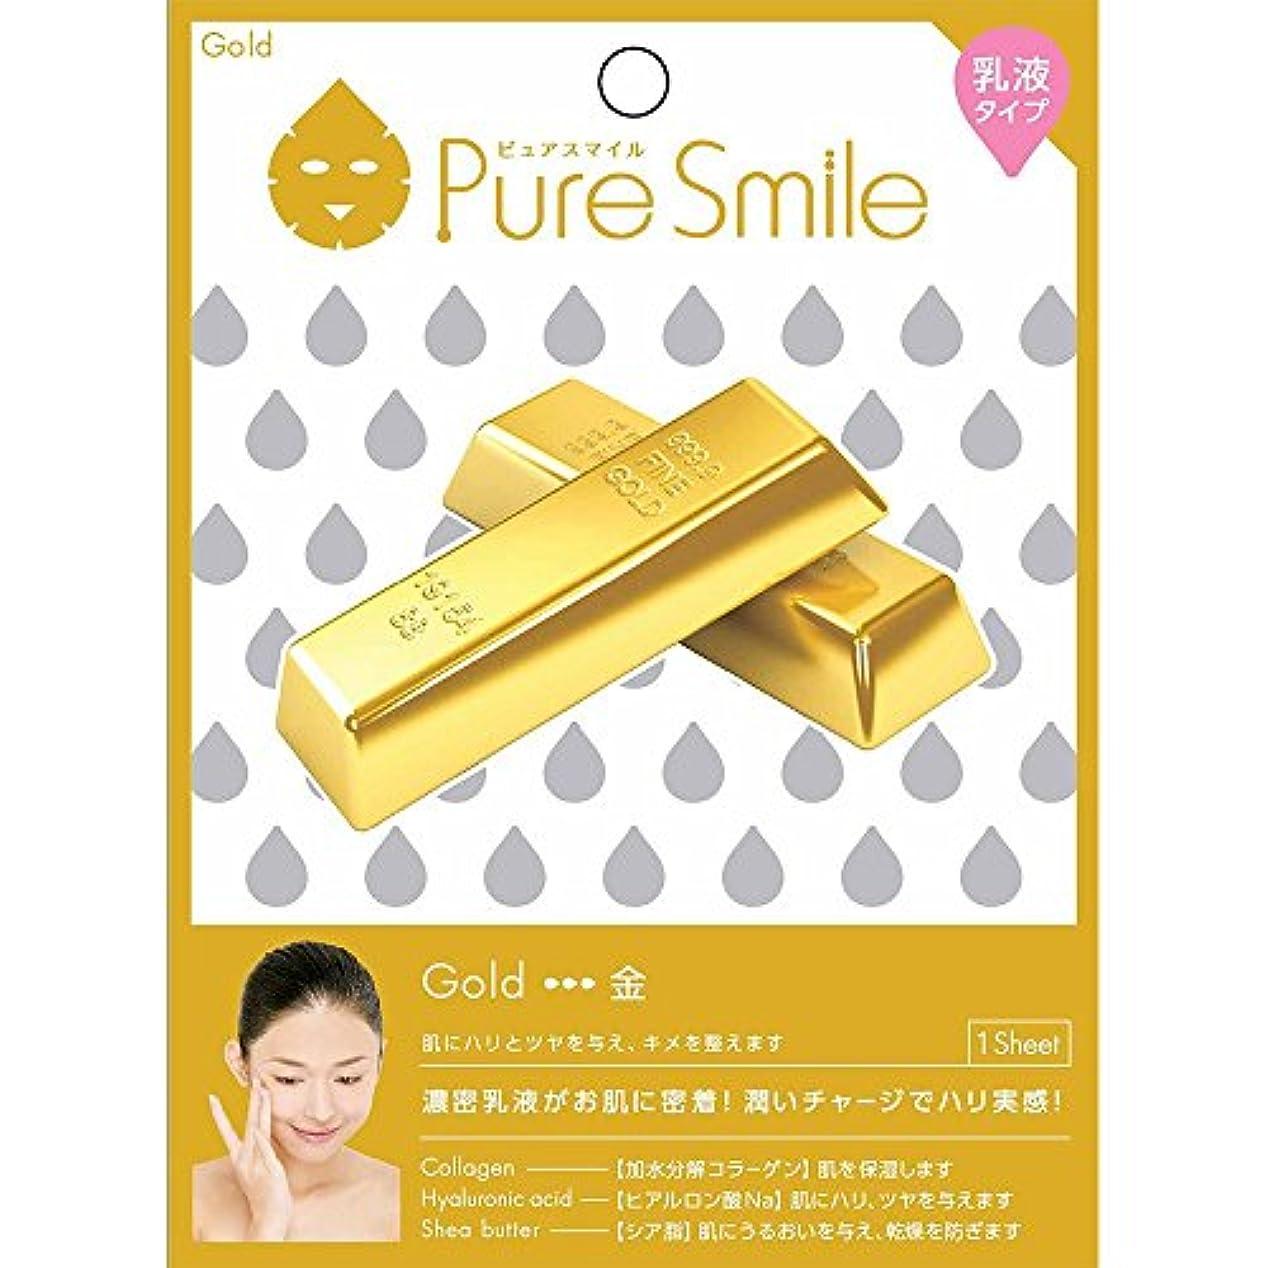 批判的に想像する効果的にPure Smile(ピュアスマイル) 乳液エッセンスマスク 1 枚 金